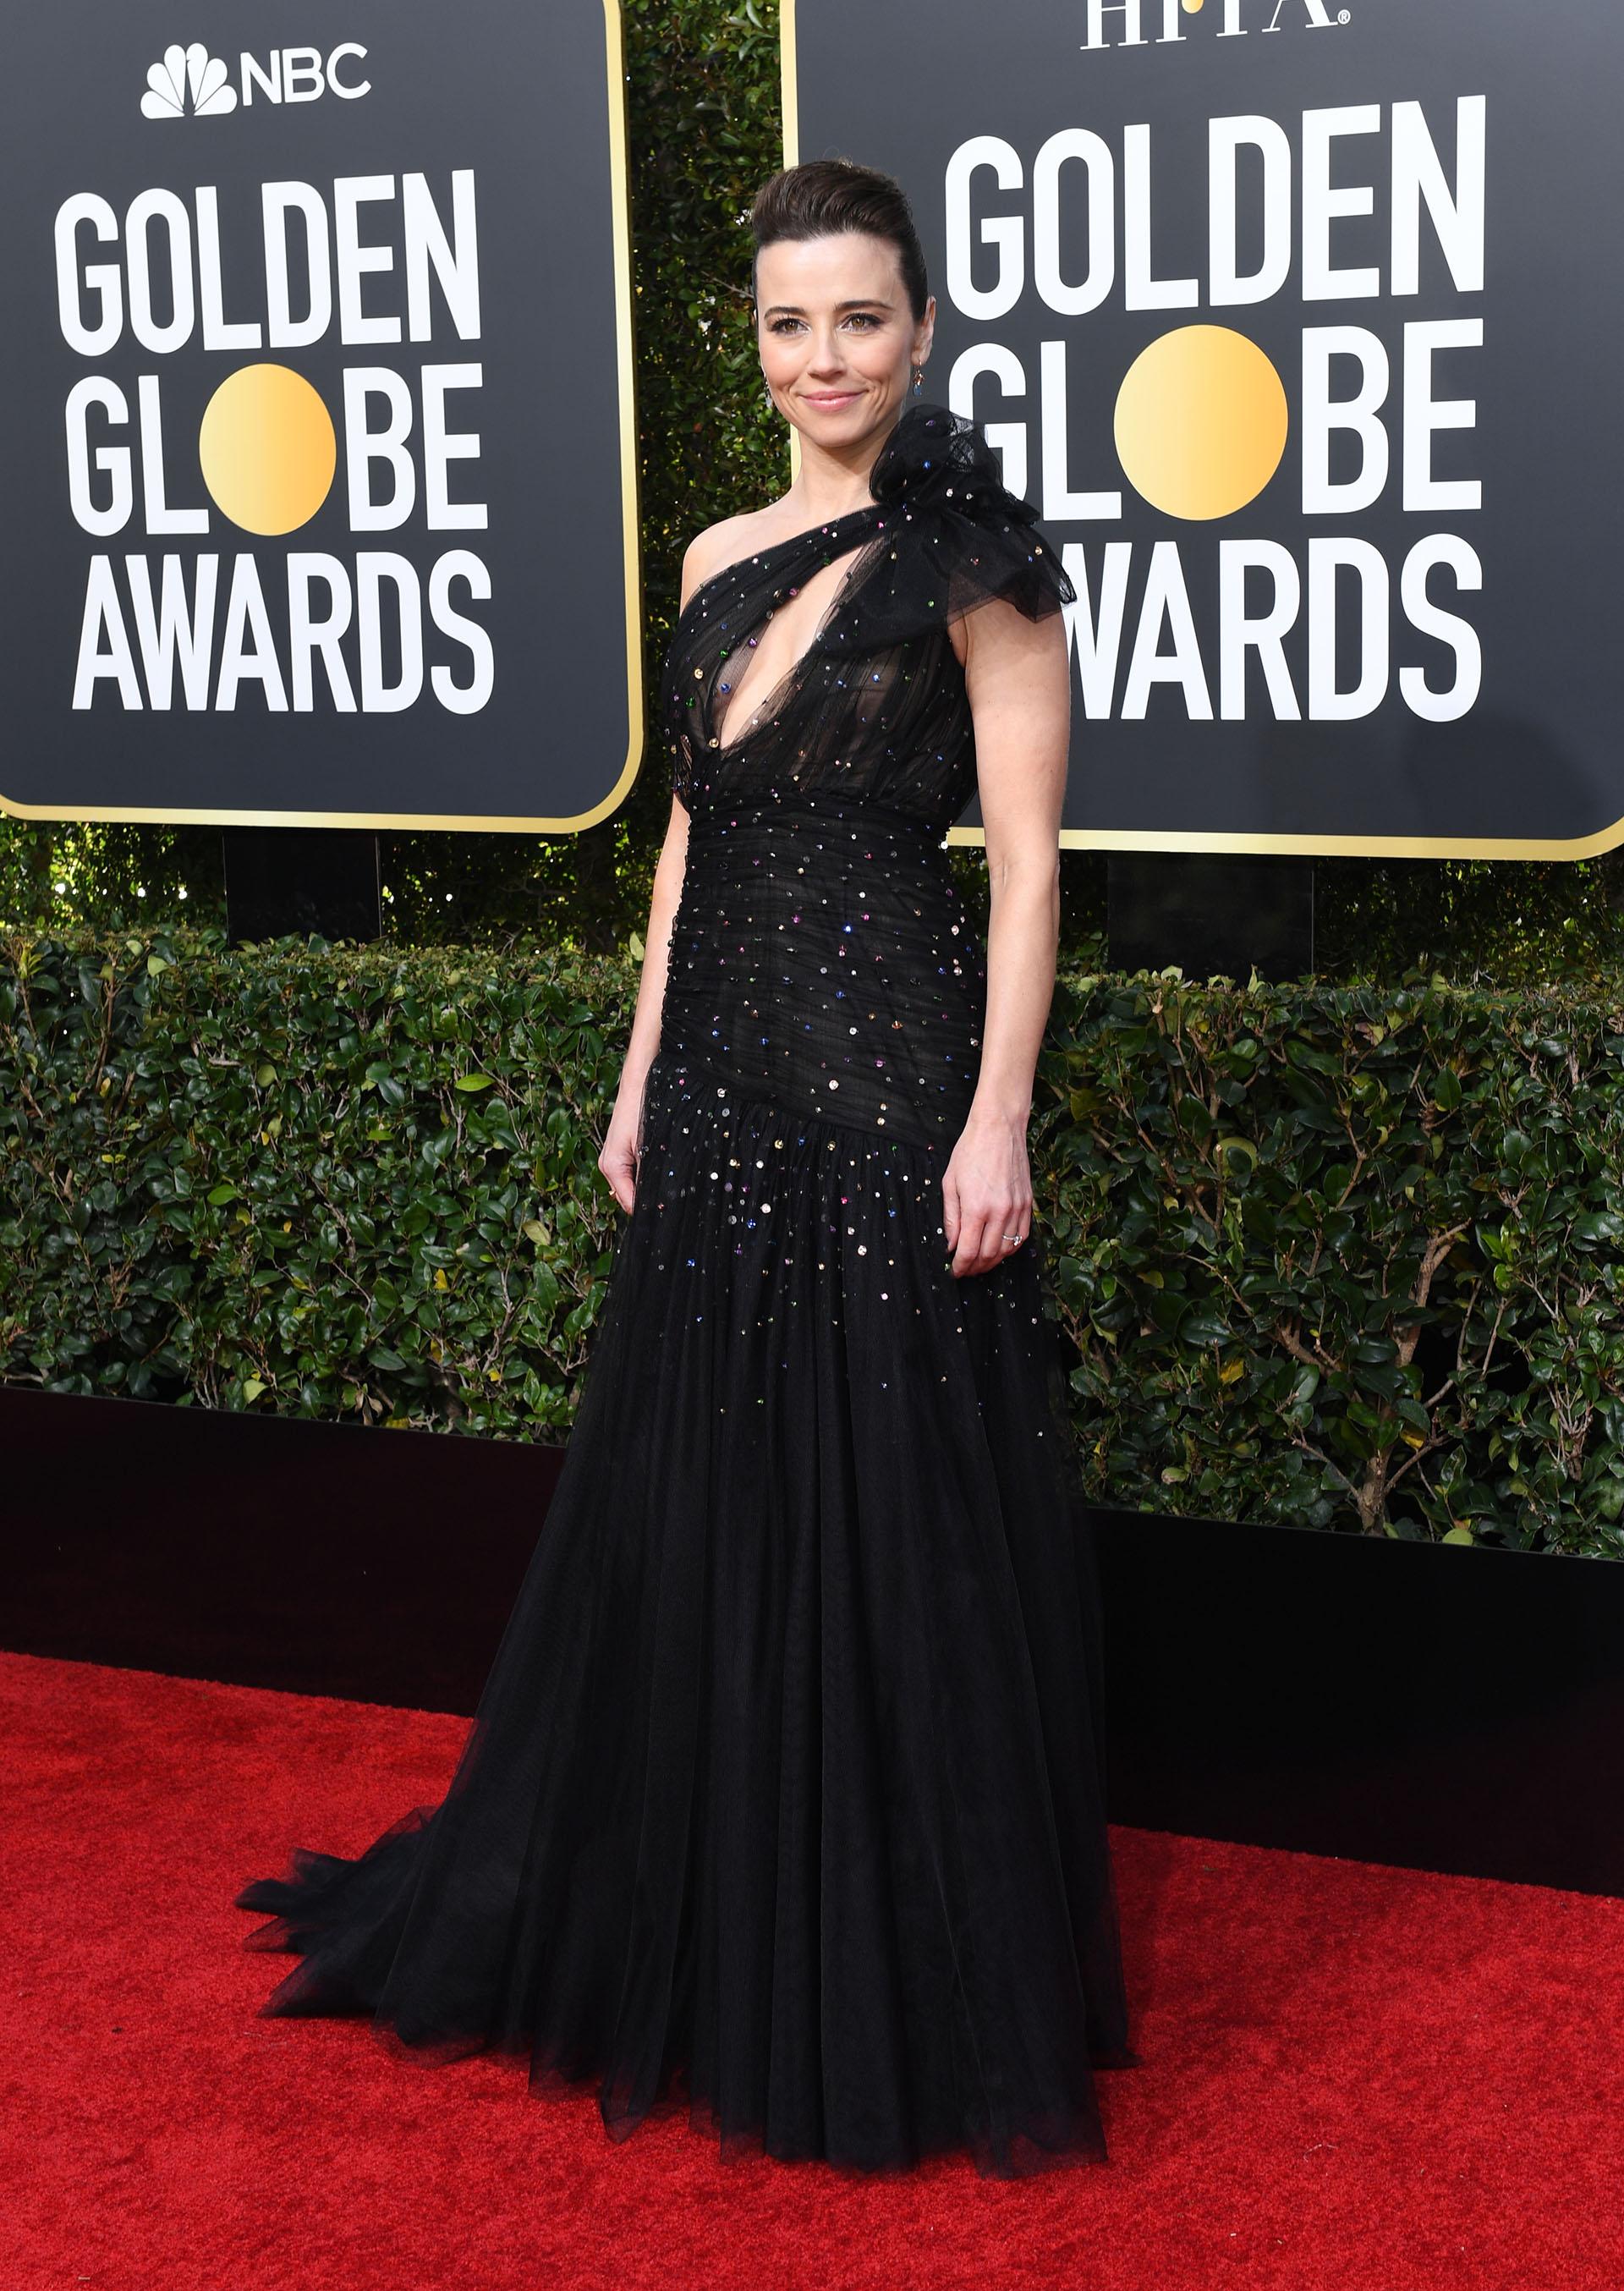 La actriz Linda Cardellini apostó al color negro de tul. Drapeado y con destellos de brillantes. ¿El detalle? Un moño de tul en el hombro